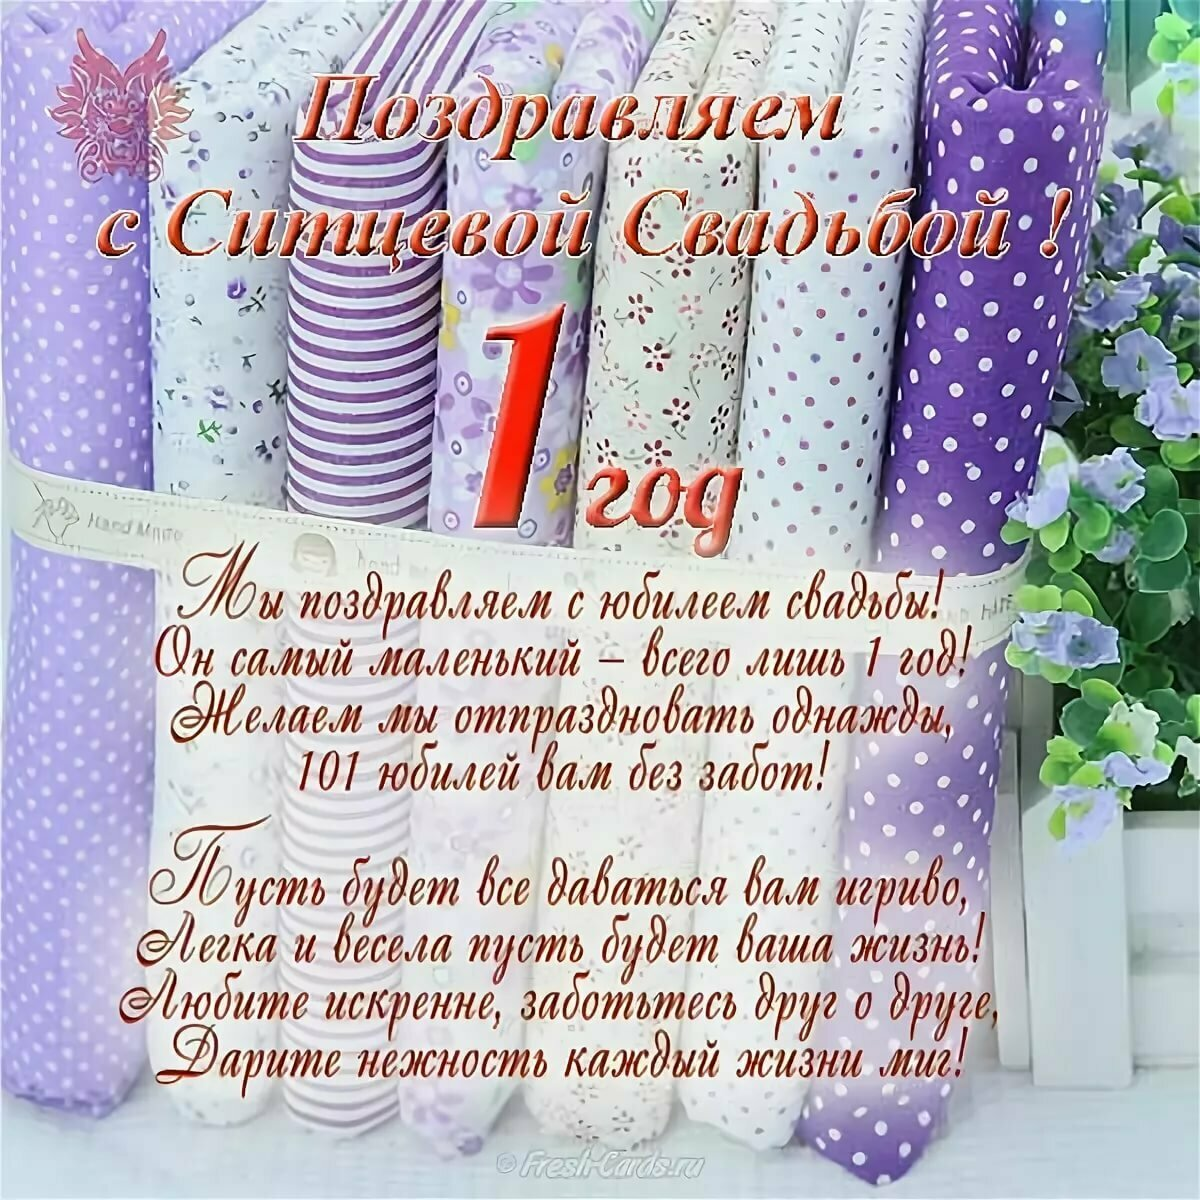 Поздравление год со свадьбы